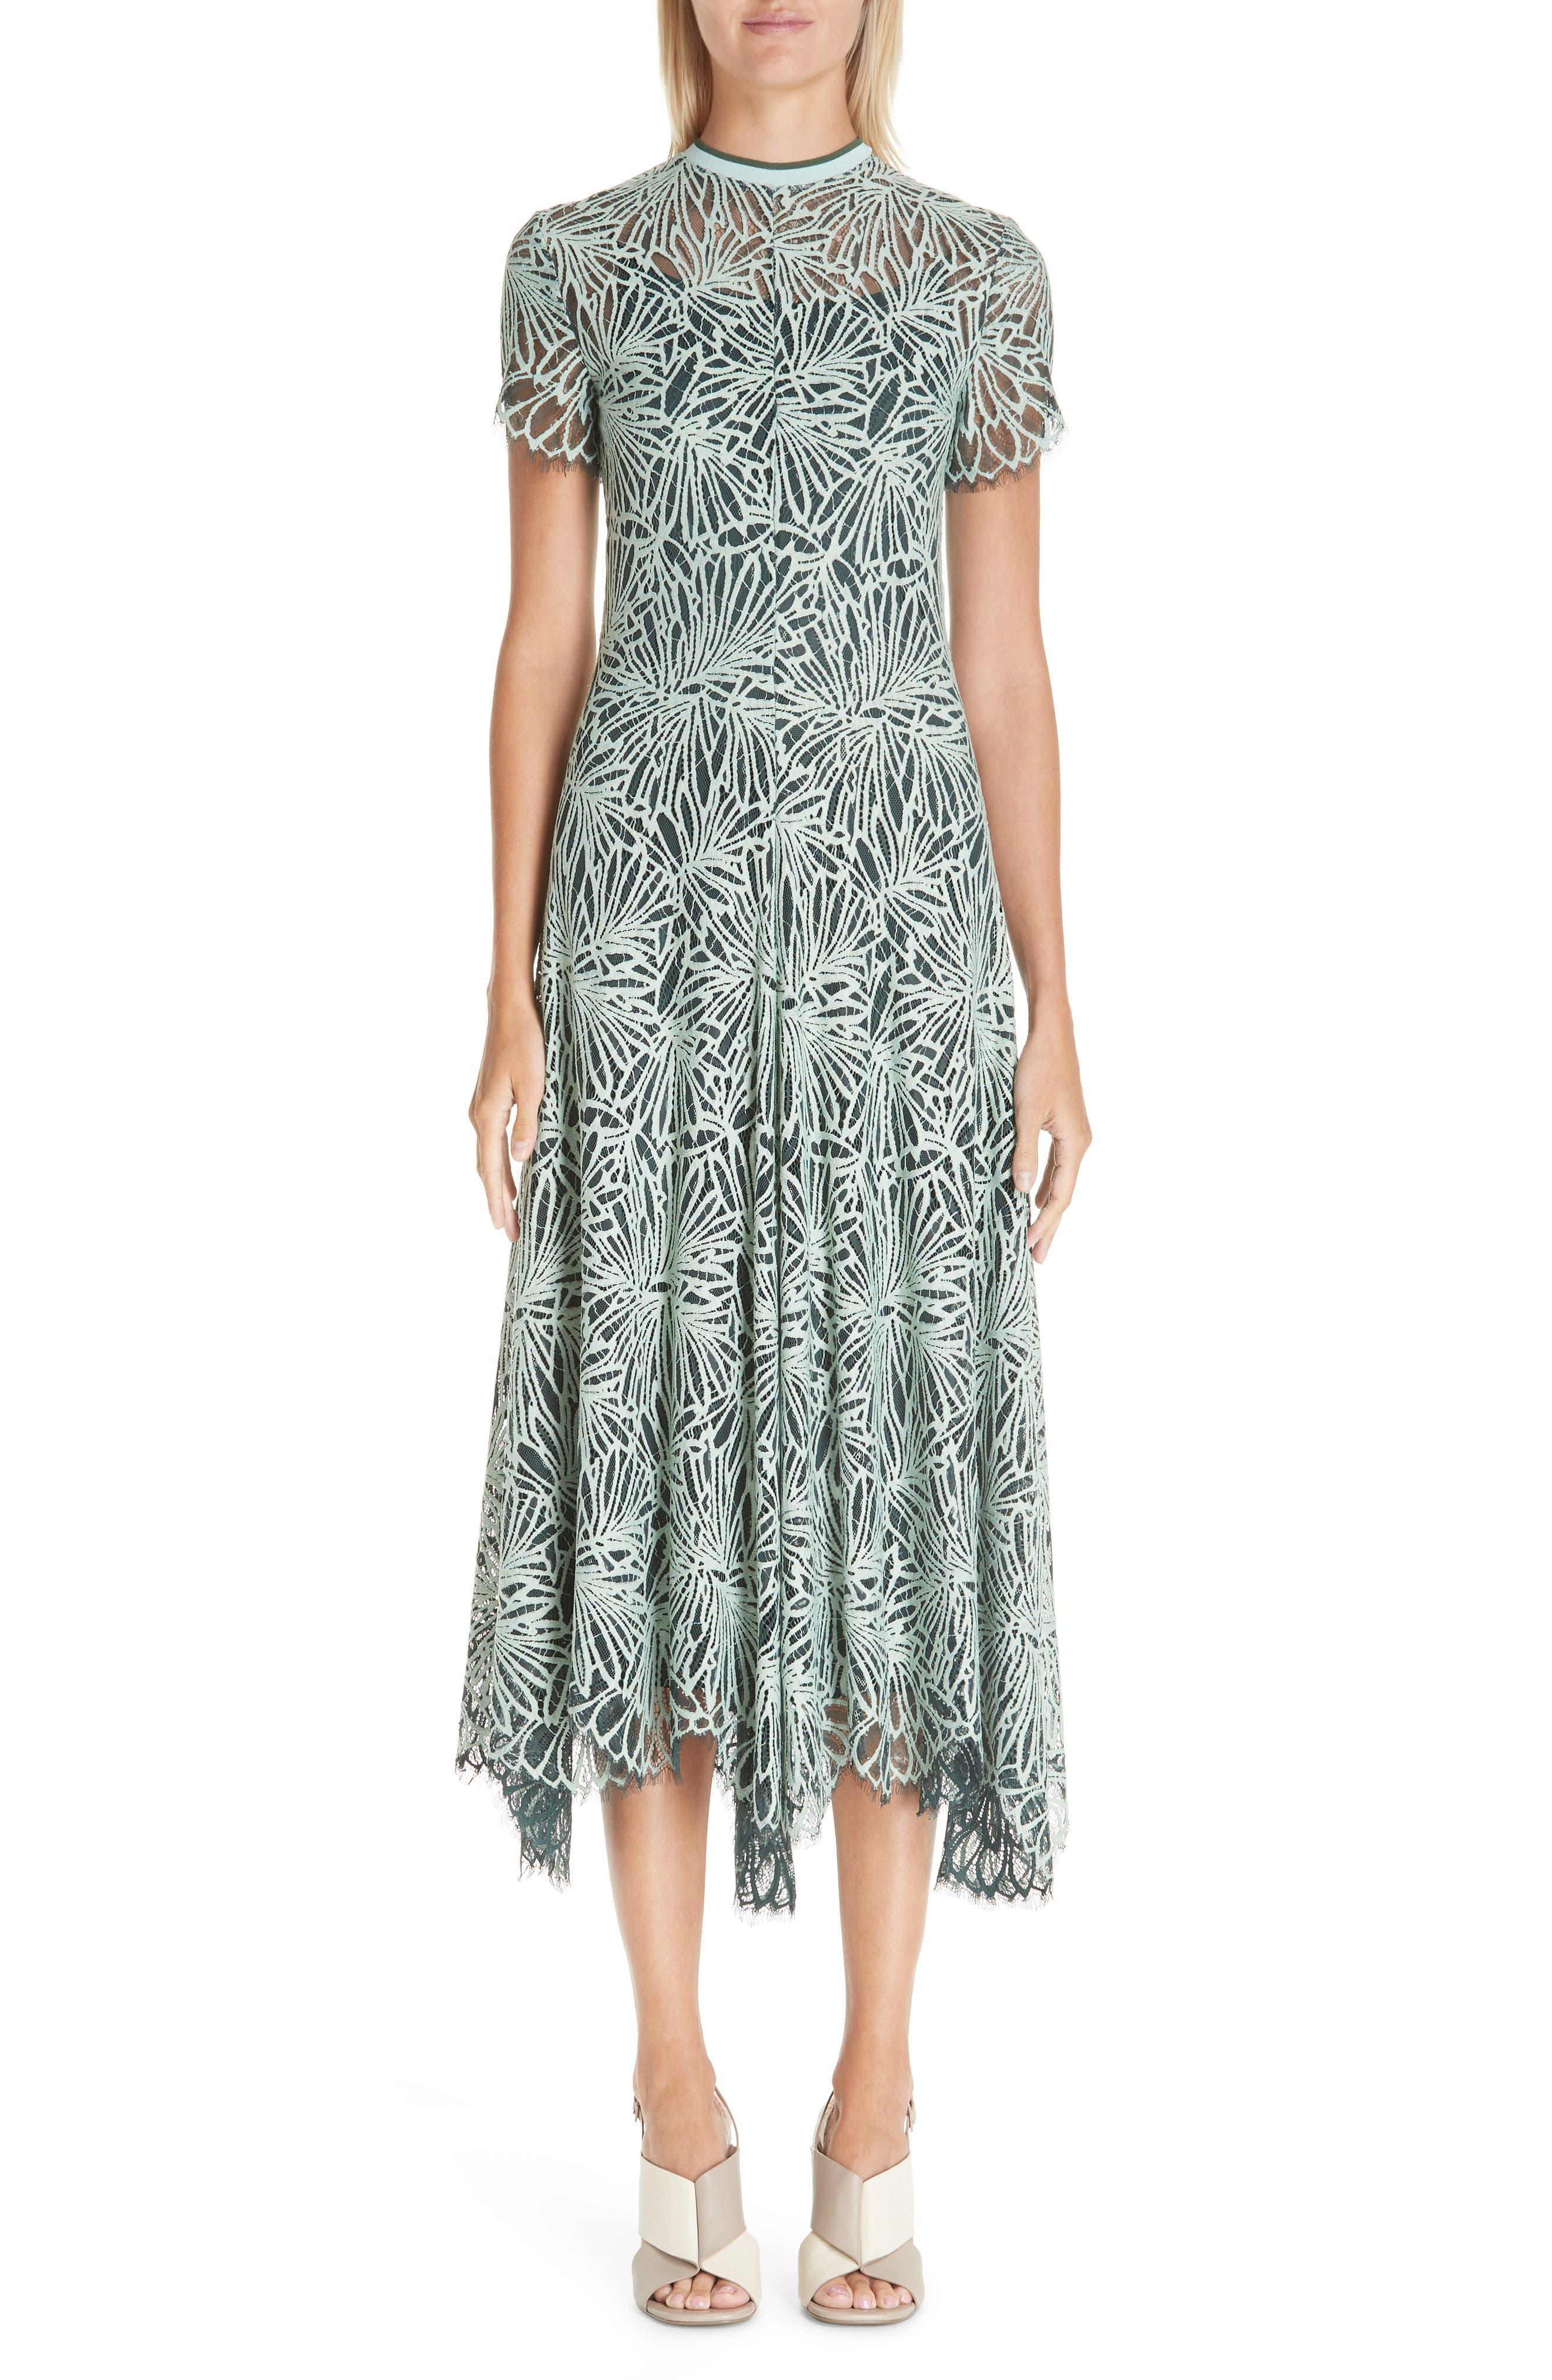 Proenza Schouler Stretch Lace Dress, Green